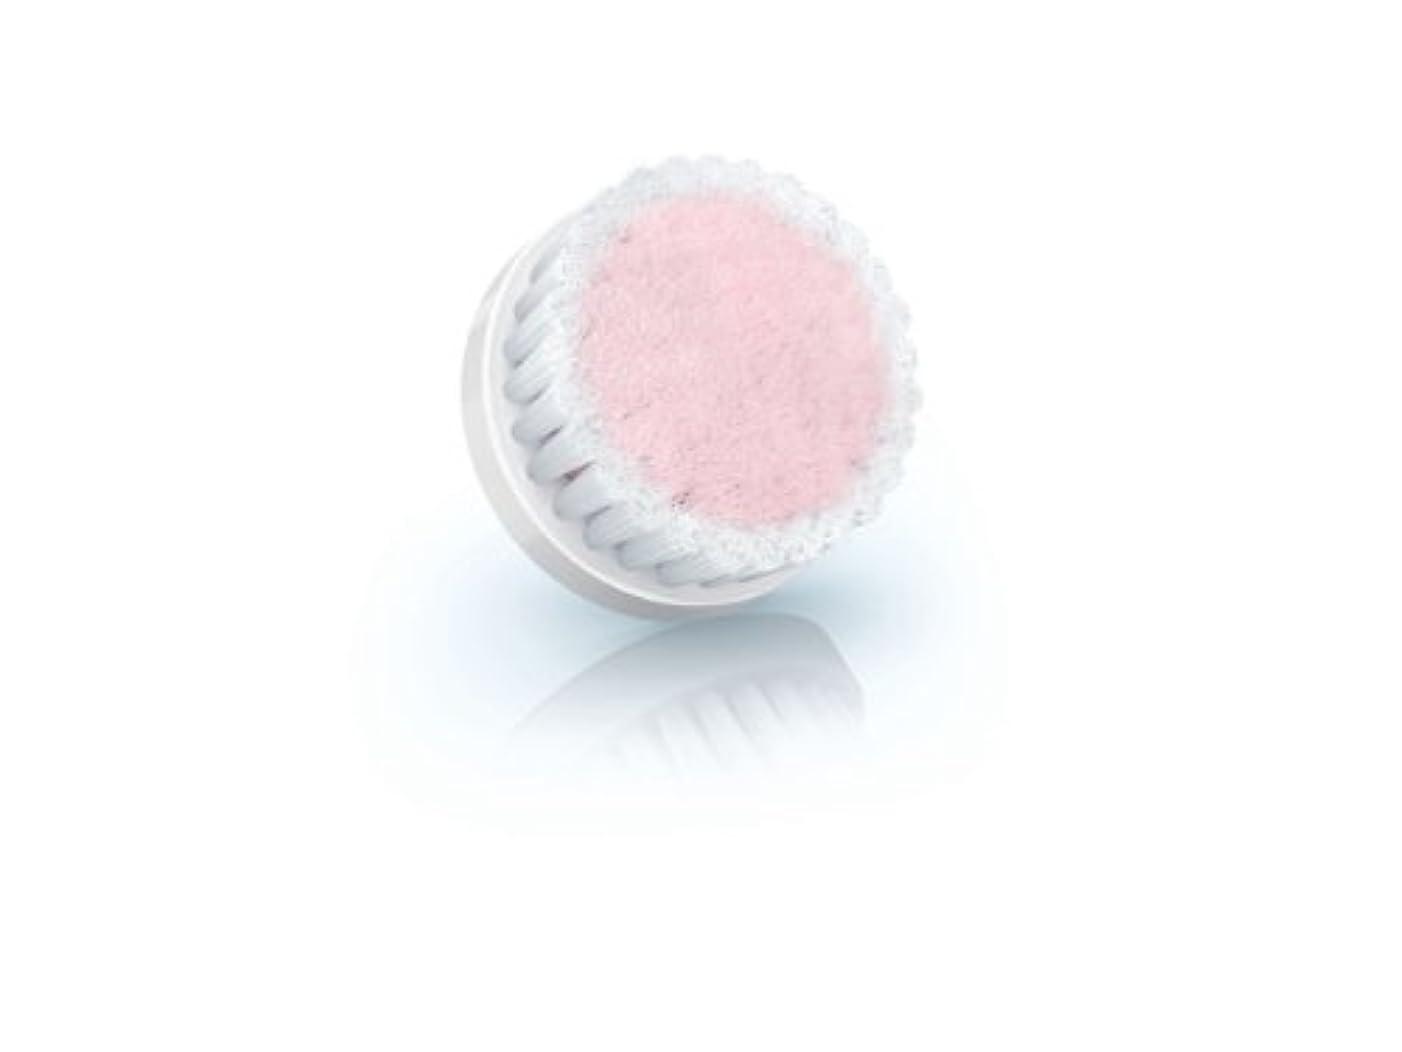 機密バーマド印刷するフィリップス 洗顔ブラシ ビザピュア 【特に敏感?乾燥している肌用】エクストラセンシティブブラシ SC5993